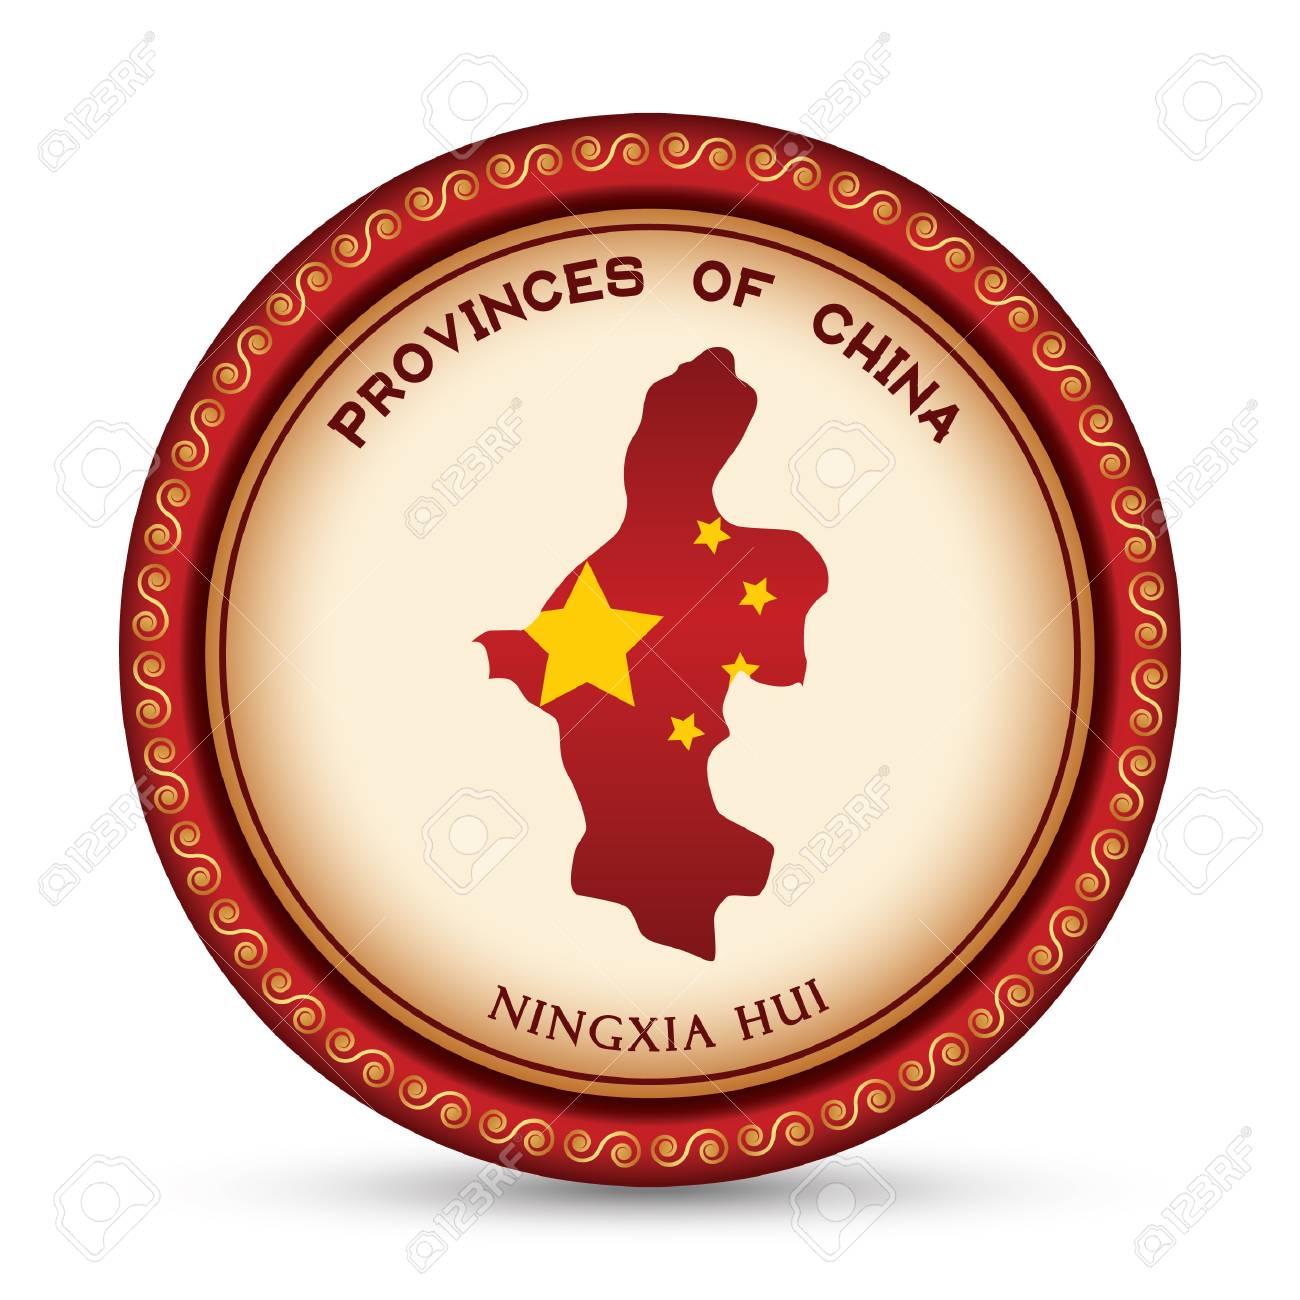 ningxia hui map - 106669126